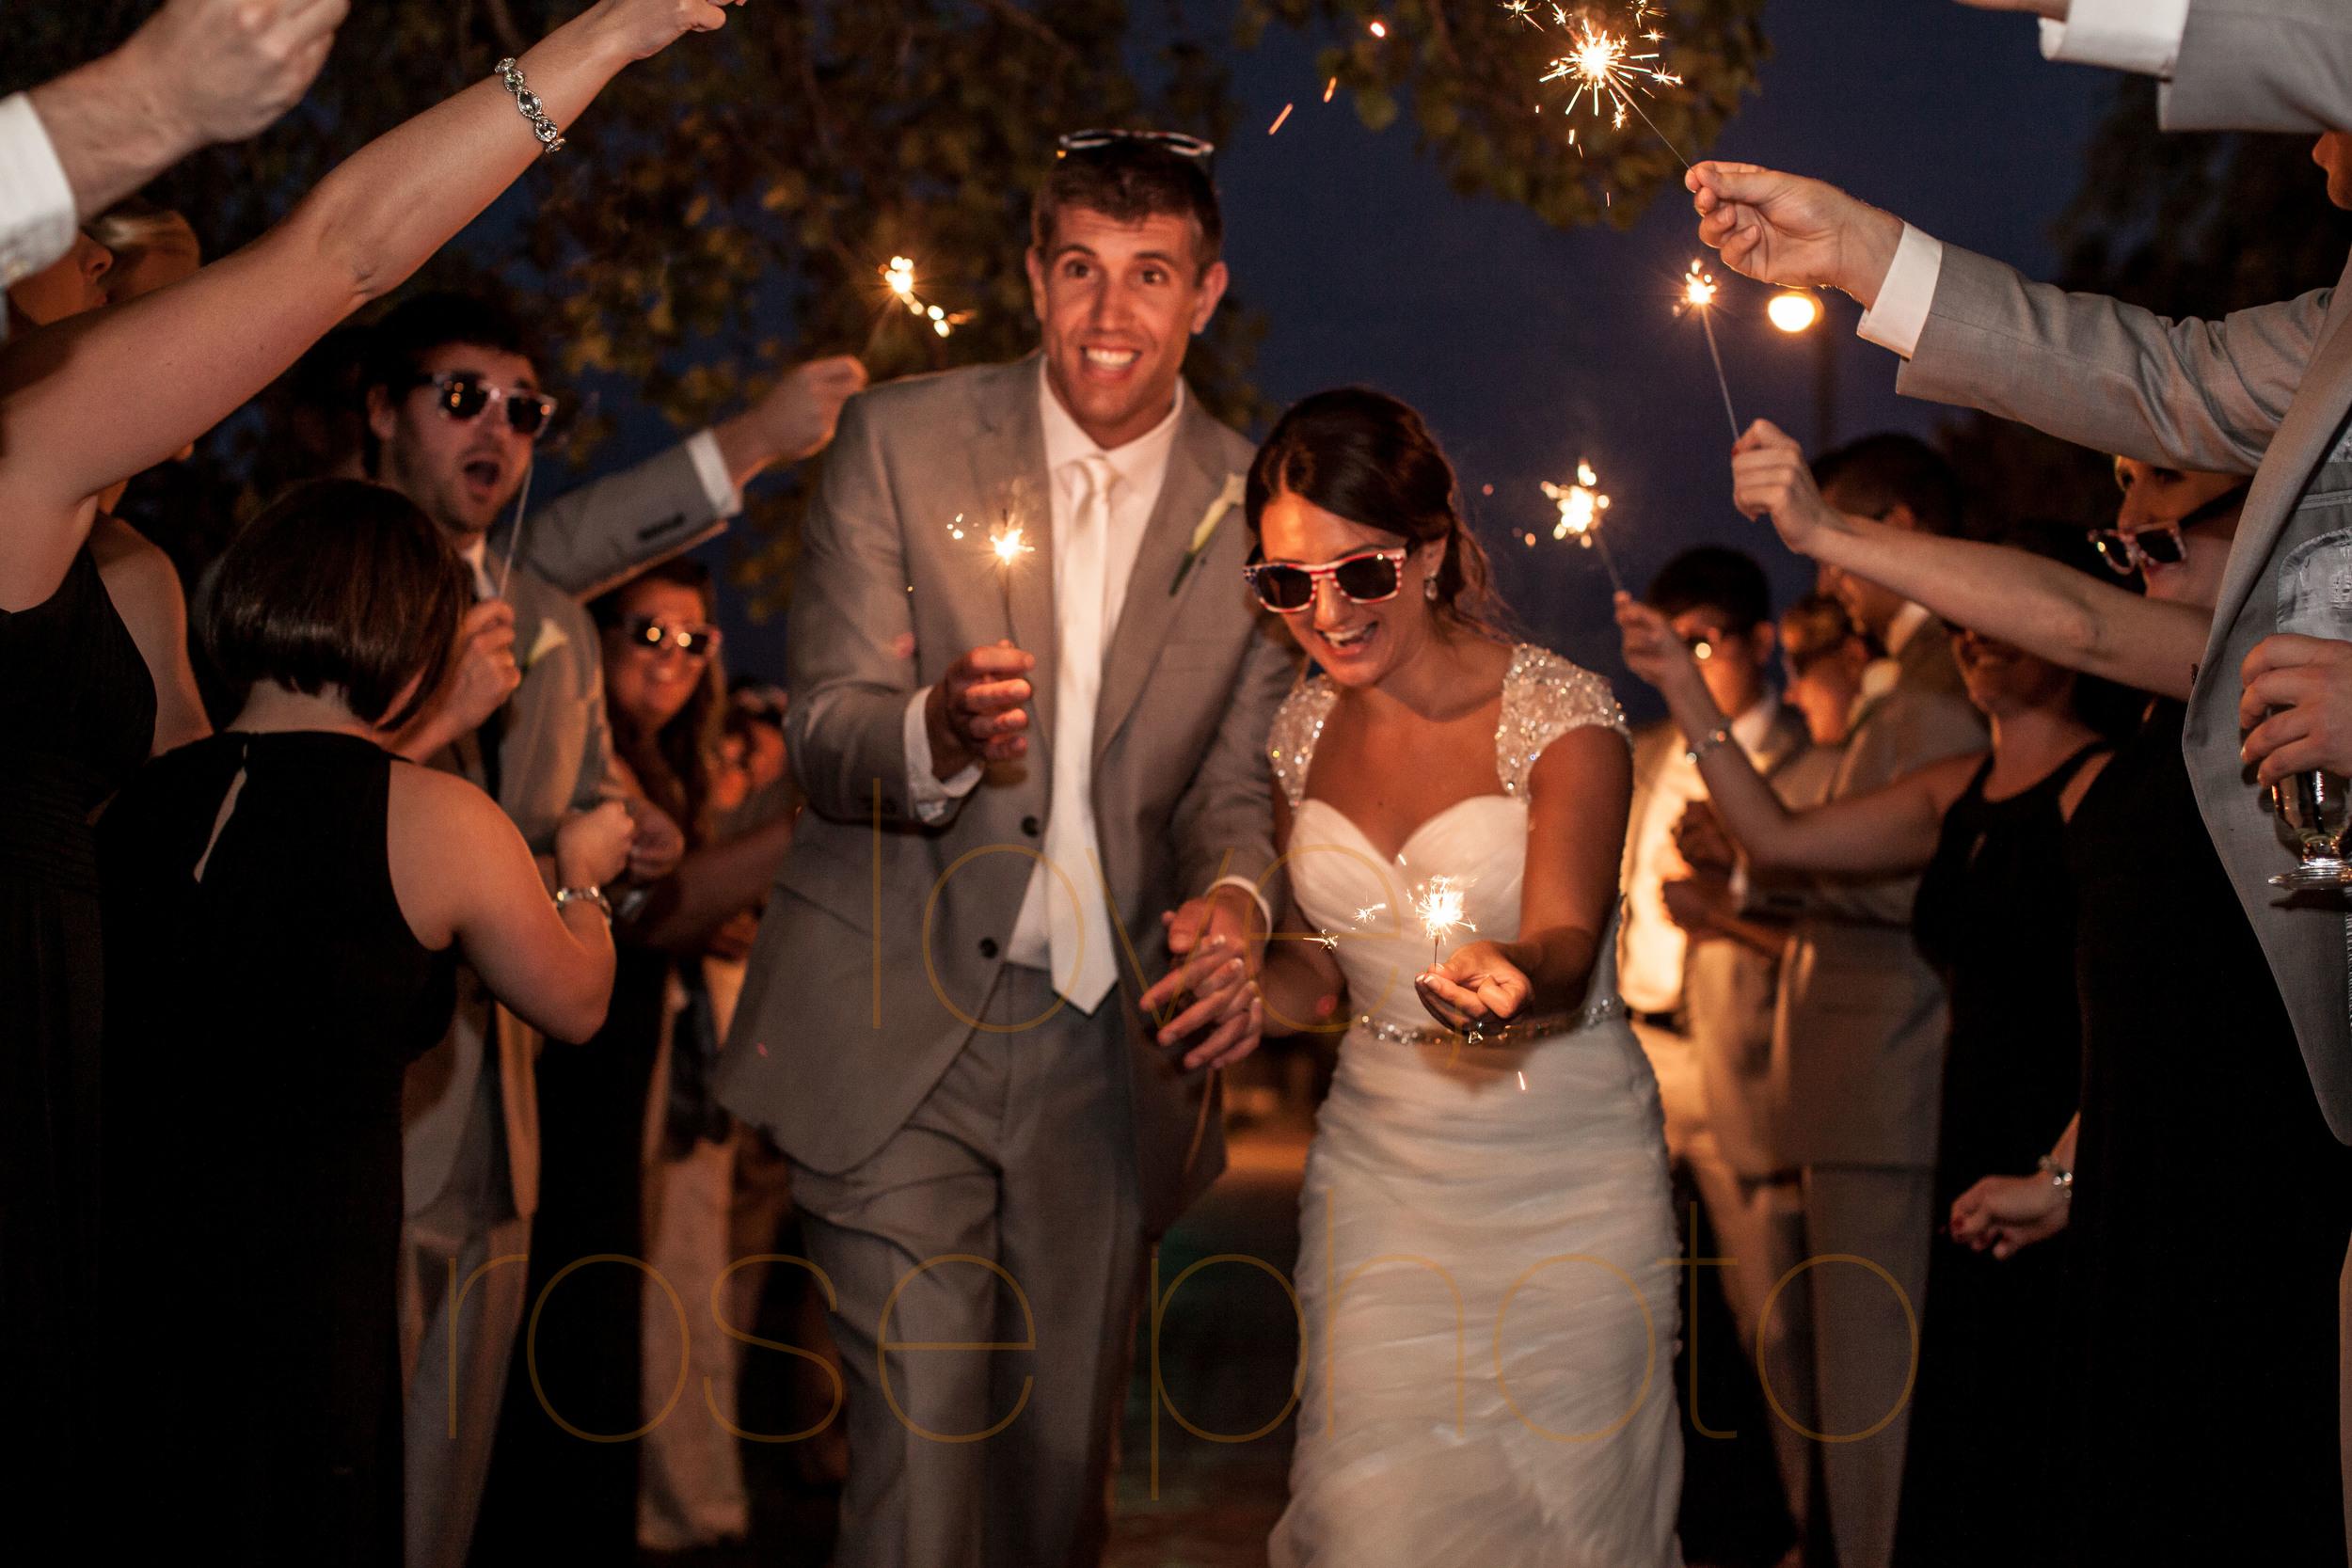 ellen + bryan chicago wedding joliet james healy mansion portrait lifestyle photojournalist photographer -022.jpg